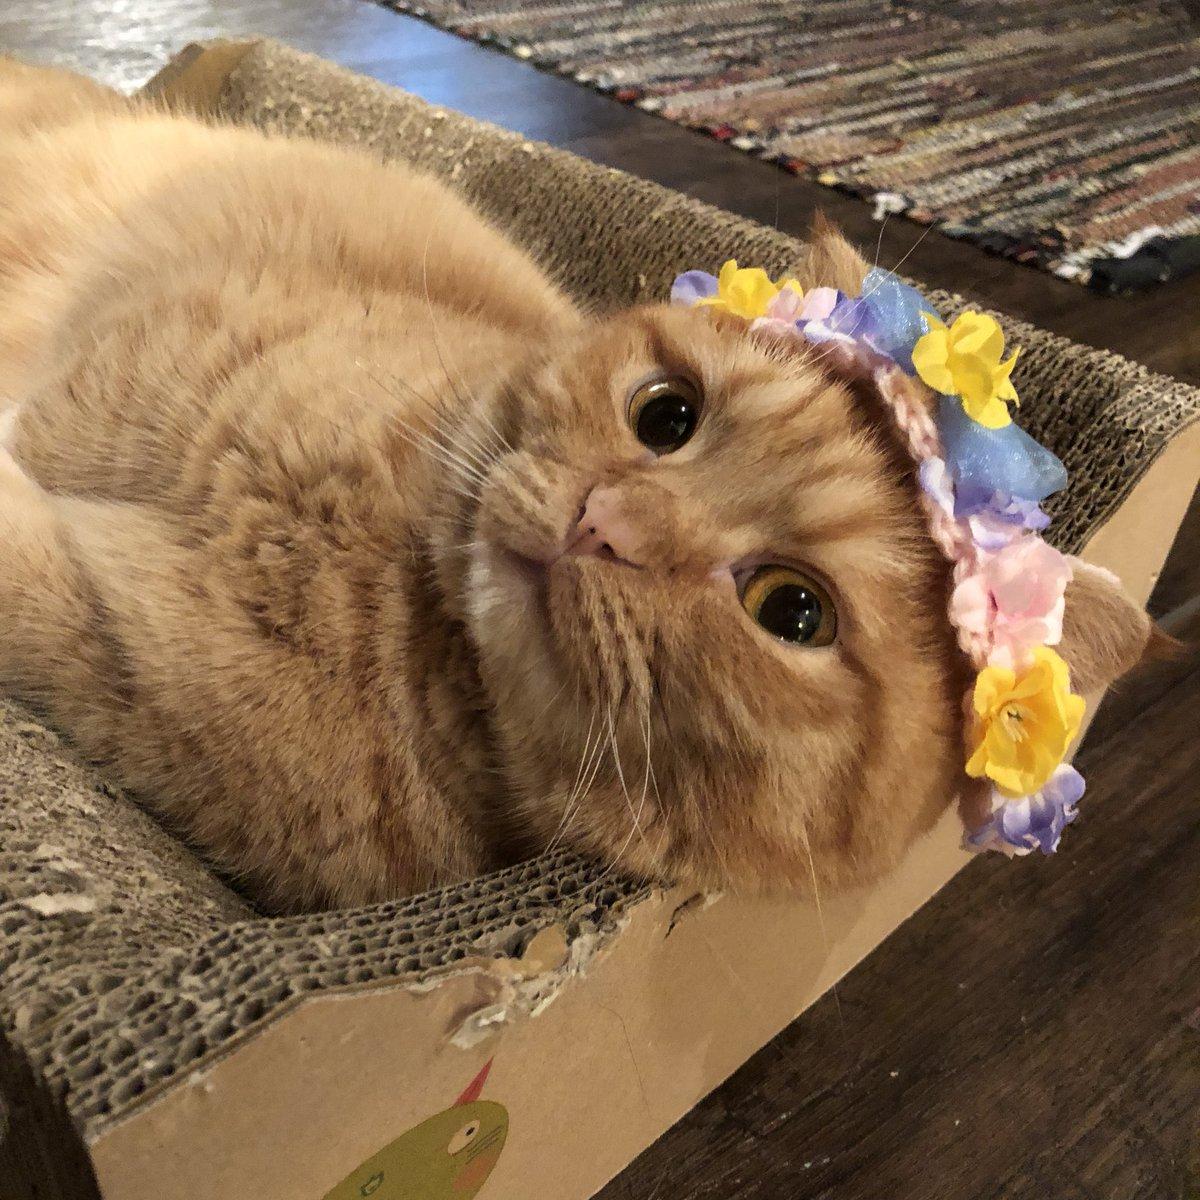 ウニちゃんにお花のティアラを乗せたら、そのうち眠ってしまいました。スヤ…。 pic.twitter.com/K15RtykgdE